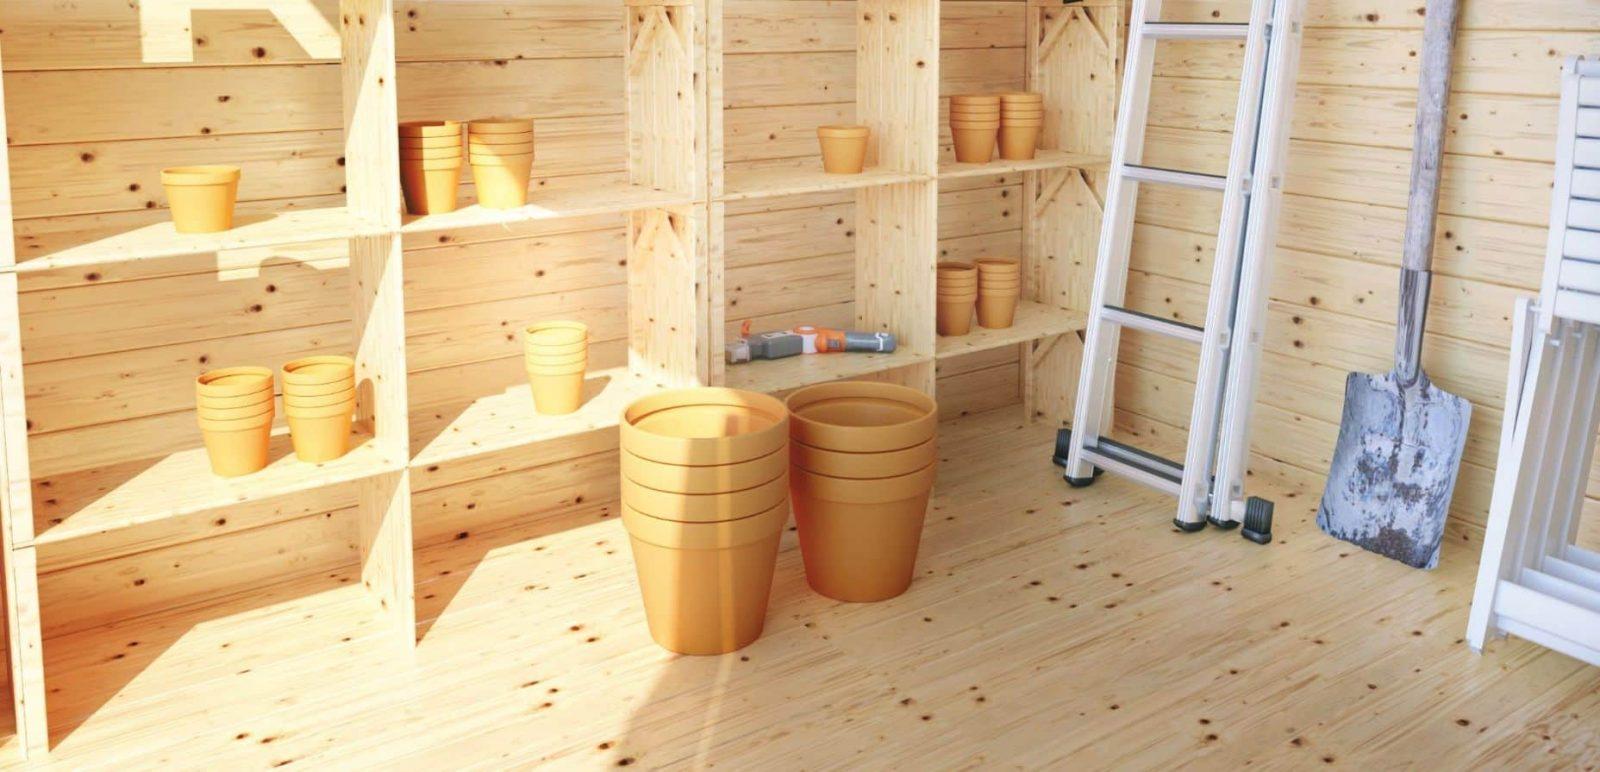 added shelves in workshop shed